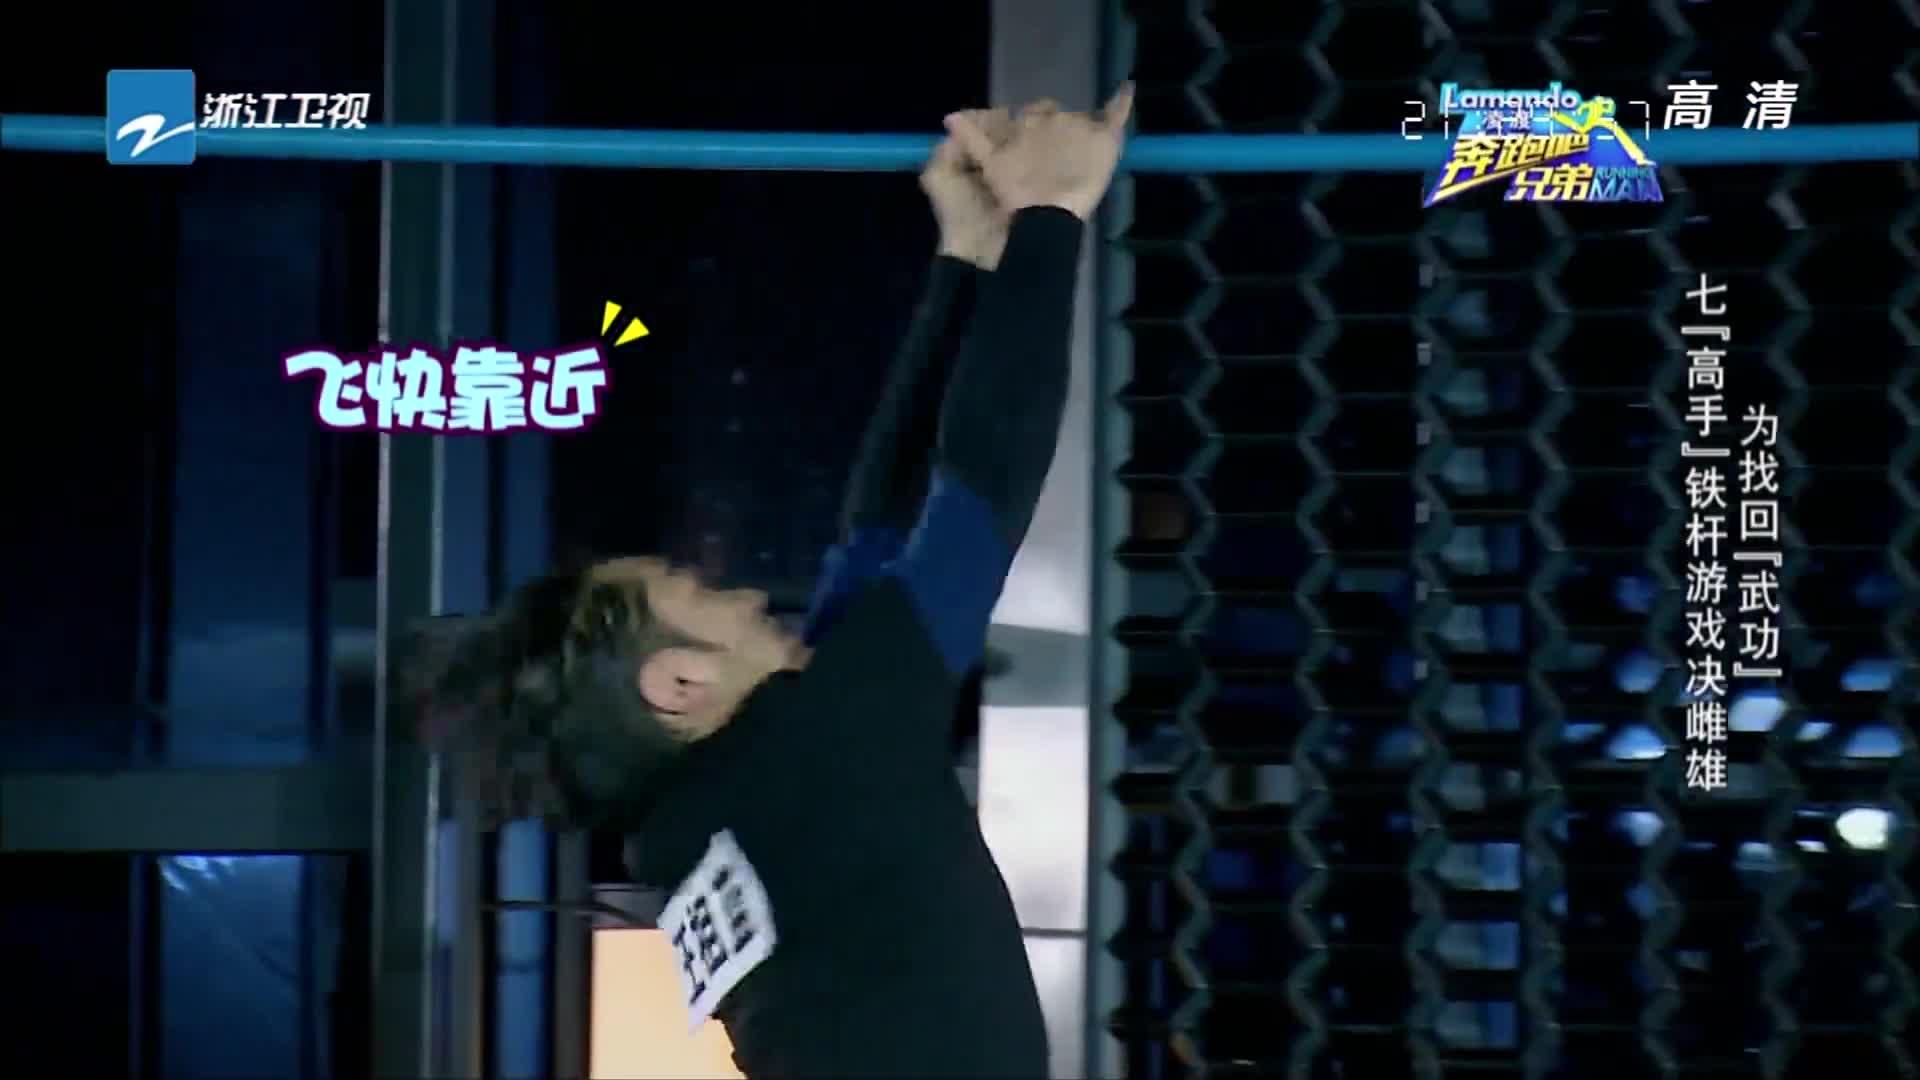 王祖蓝迅速出击,陈赫以静制动用双腿控制住,以体重优势完胜!